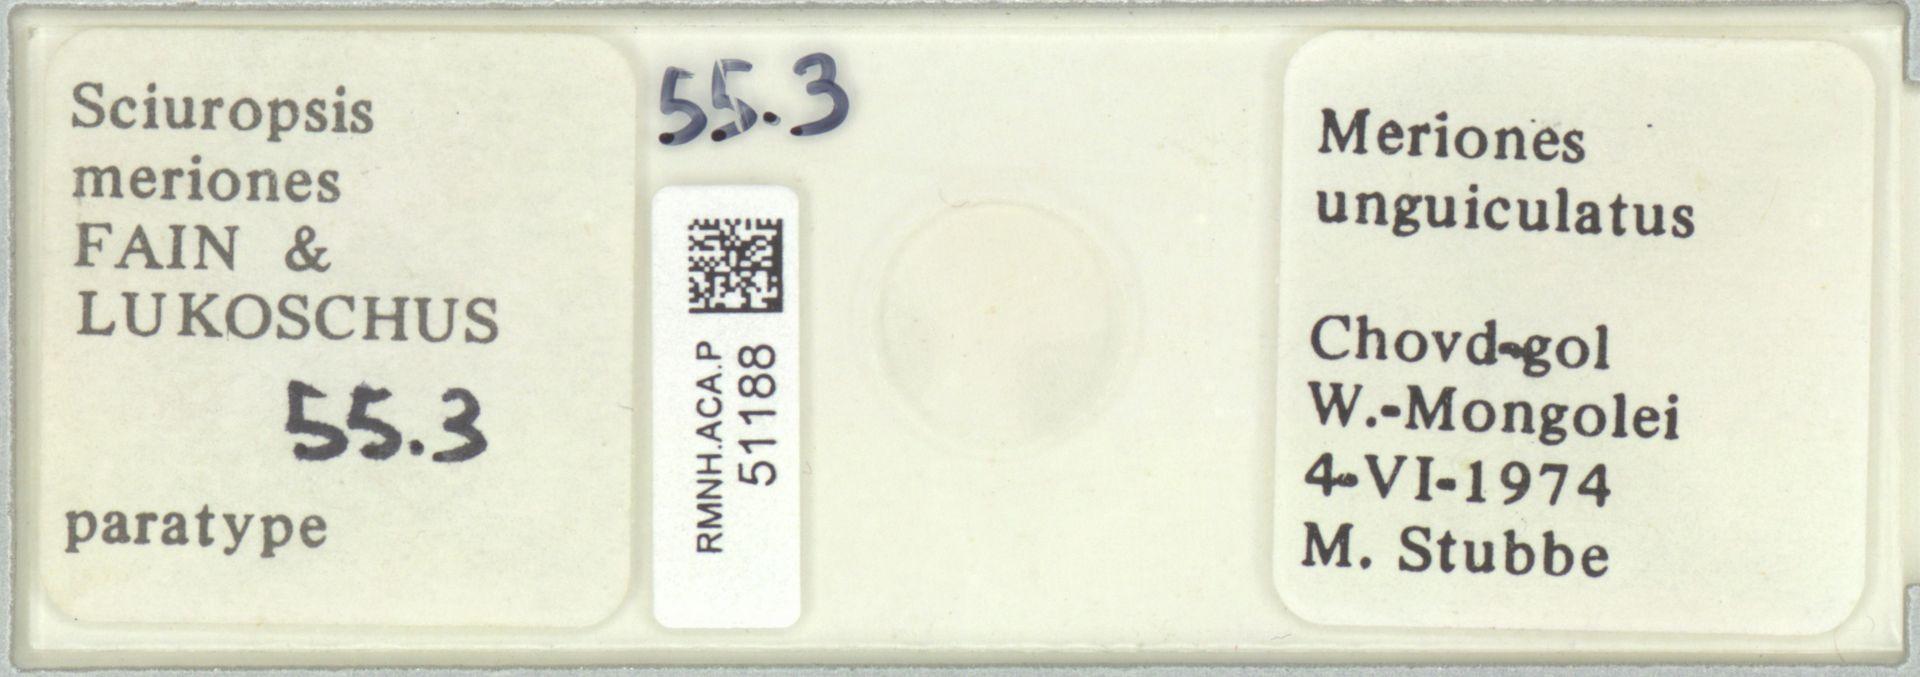 RMNH.ACA.P.51188 | Sciuropsis meriones Fain & Lukoschus